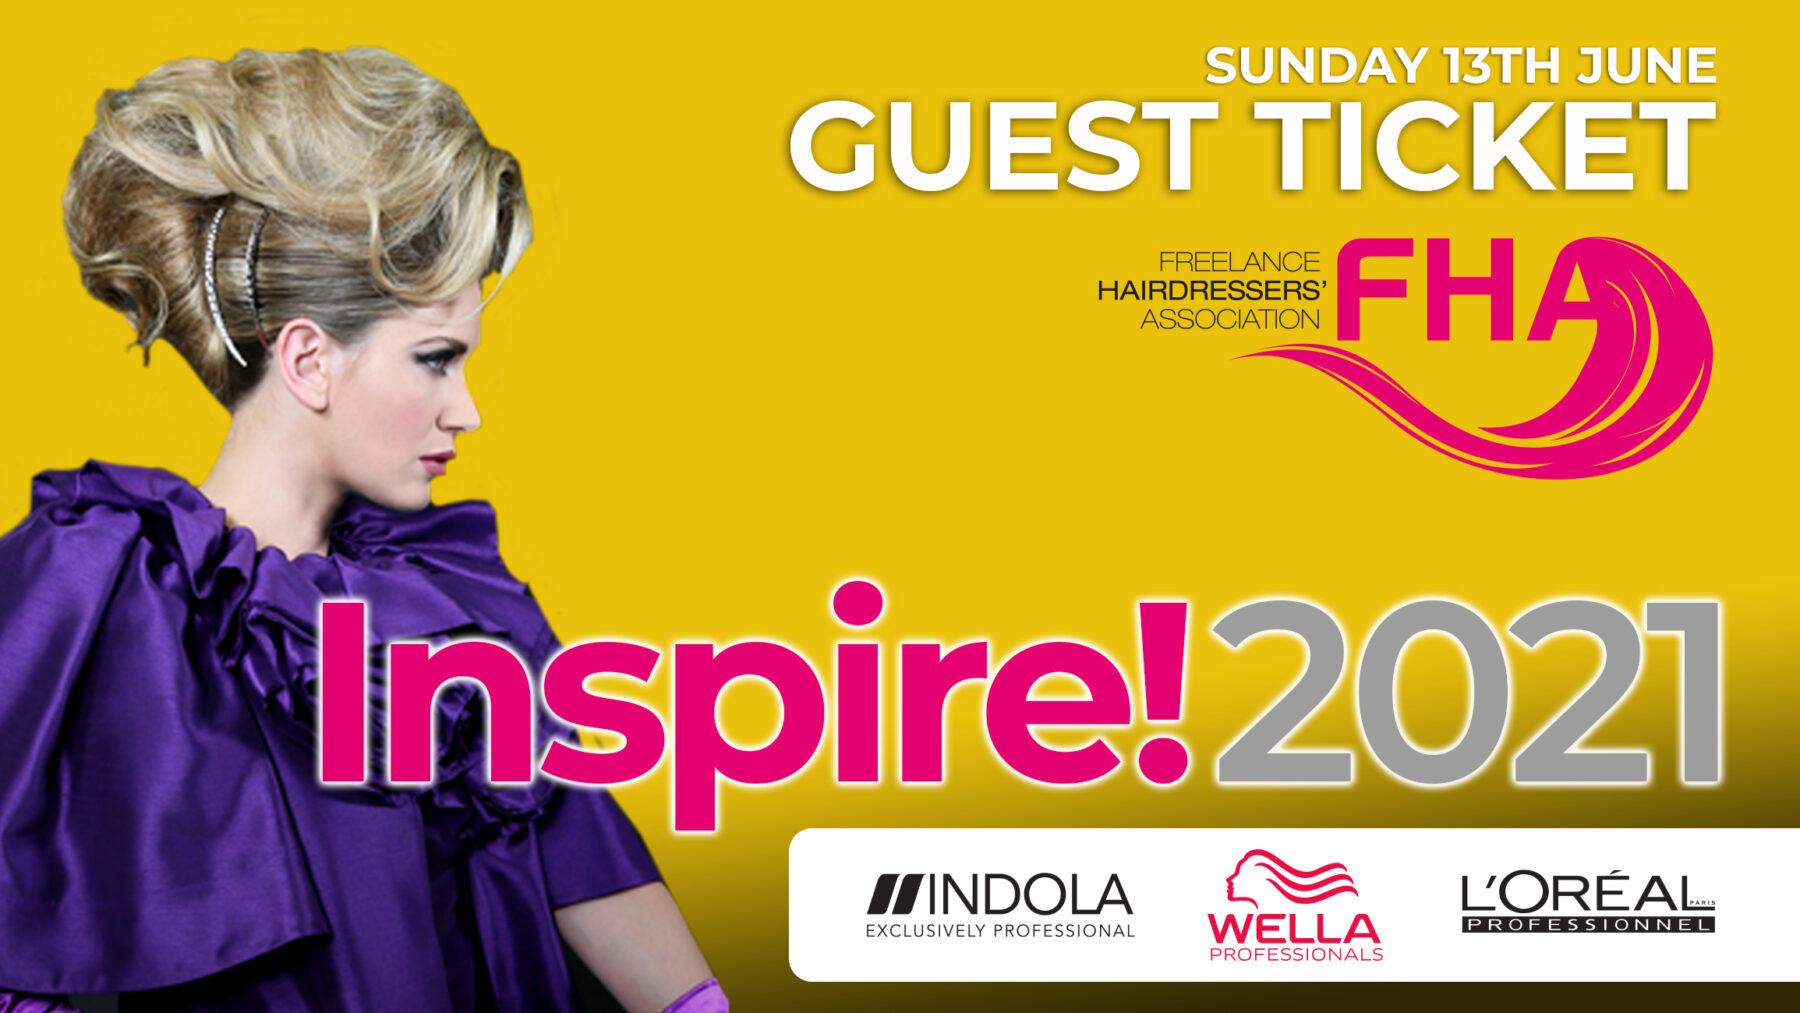 Inspire! 2021 Guest Ticket